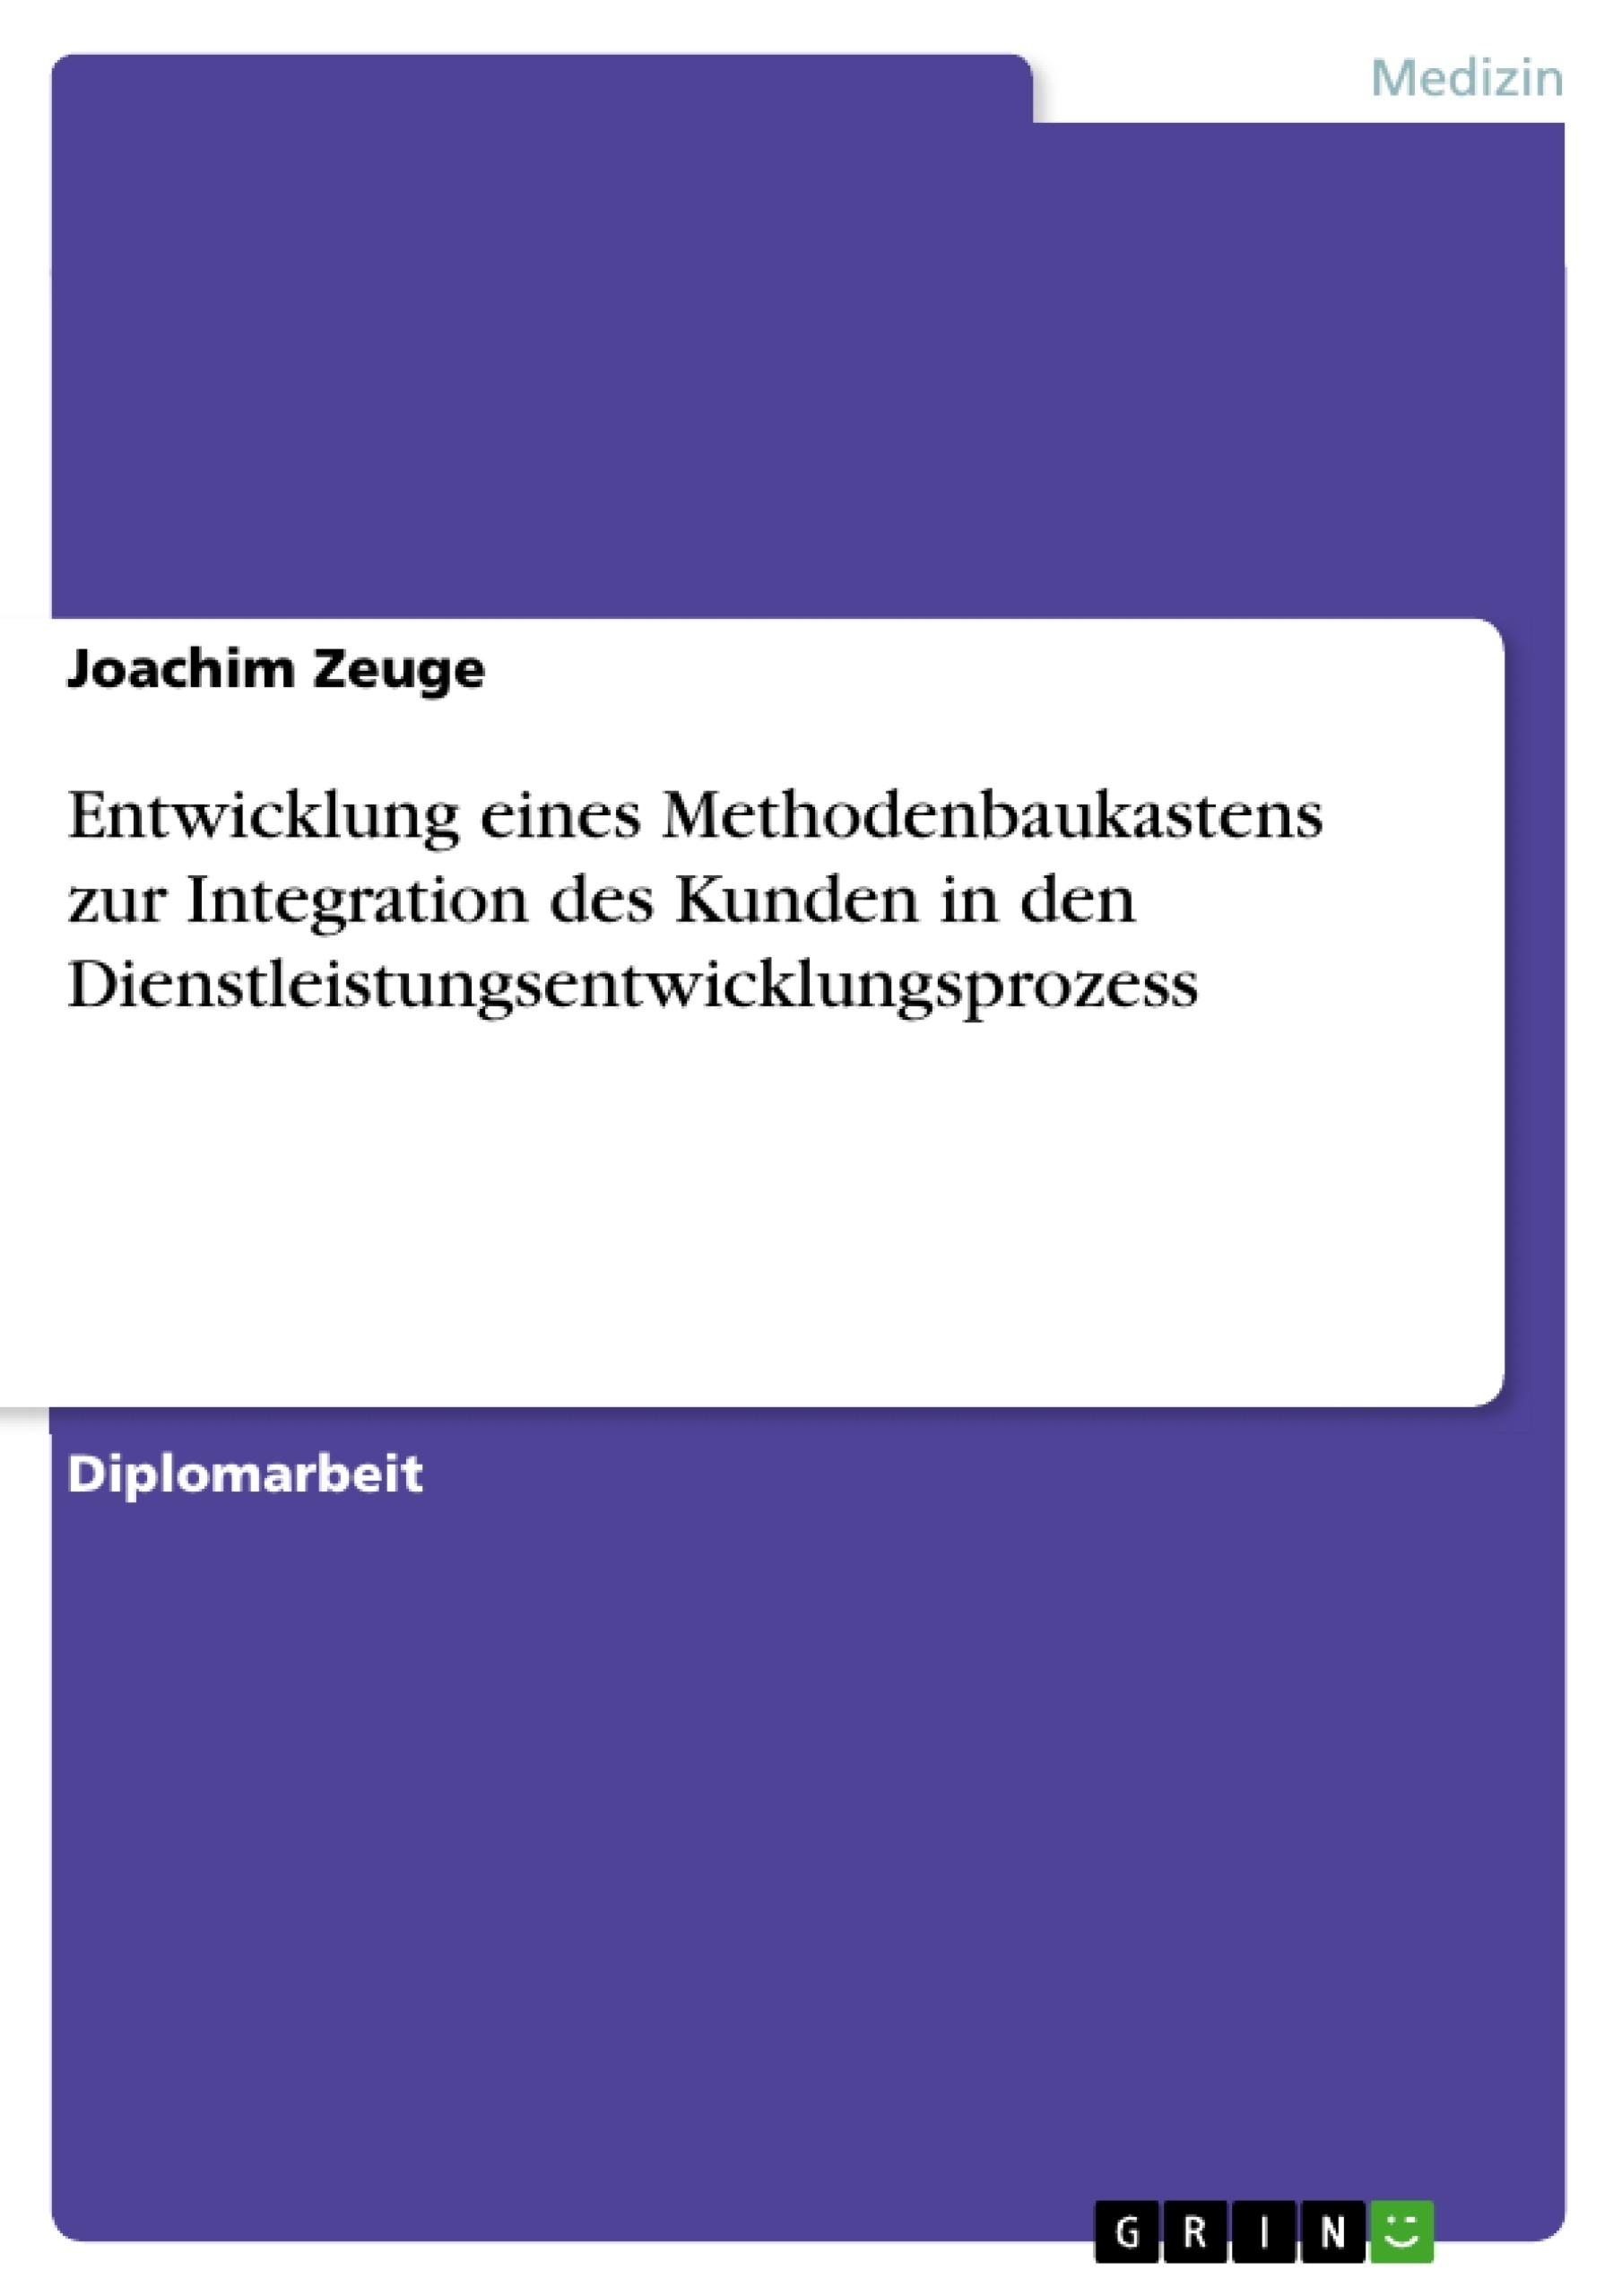 Titel: Entwicklung eines Methodenbaukastens zur Integration des Kunden in den Dienstleistungsentwicklungsprozess